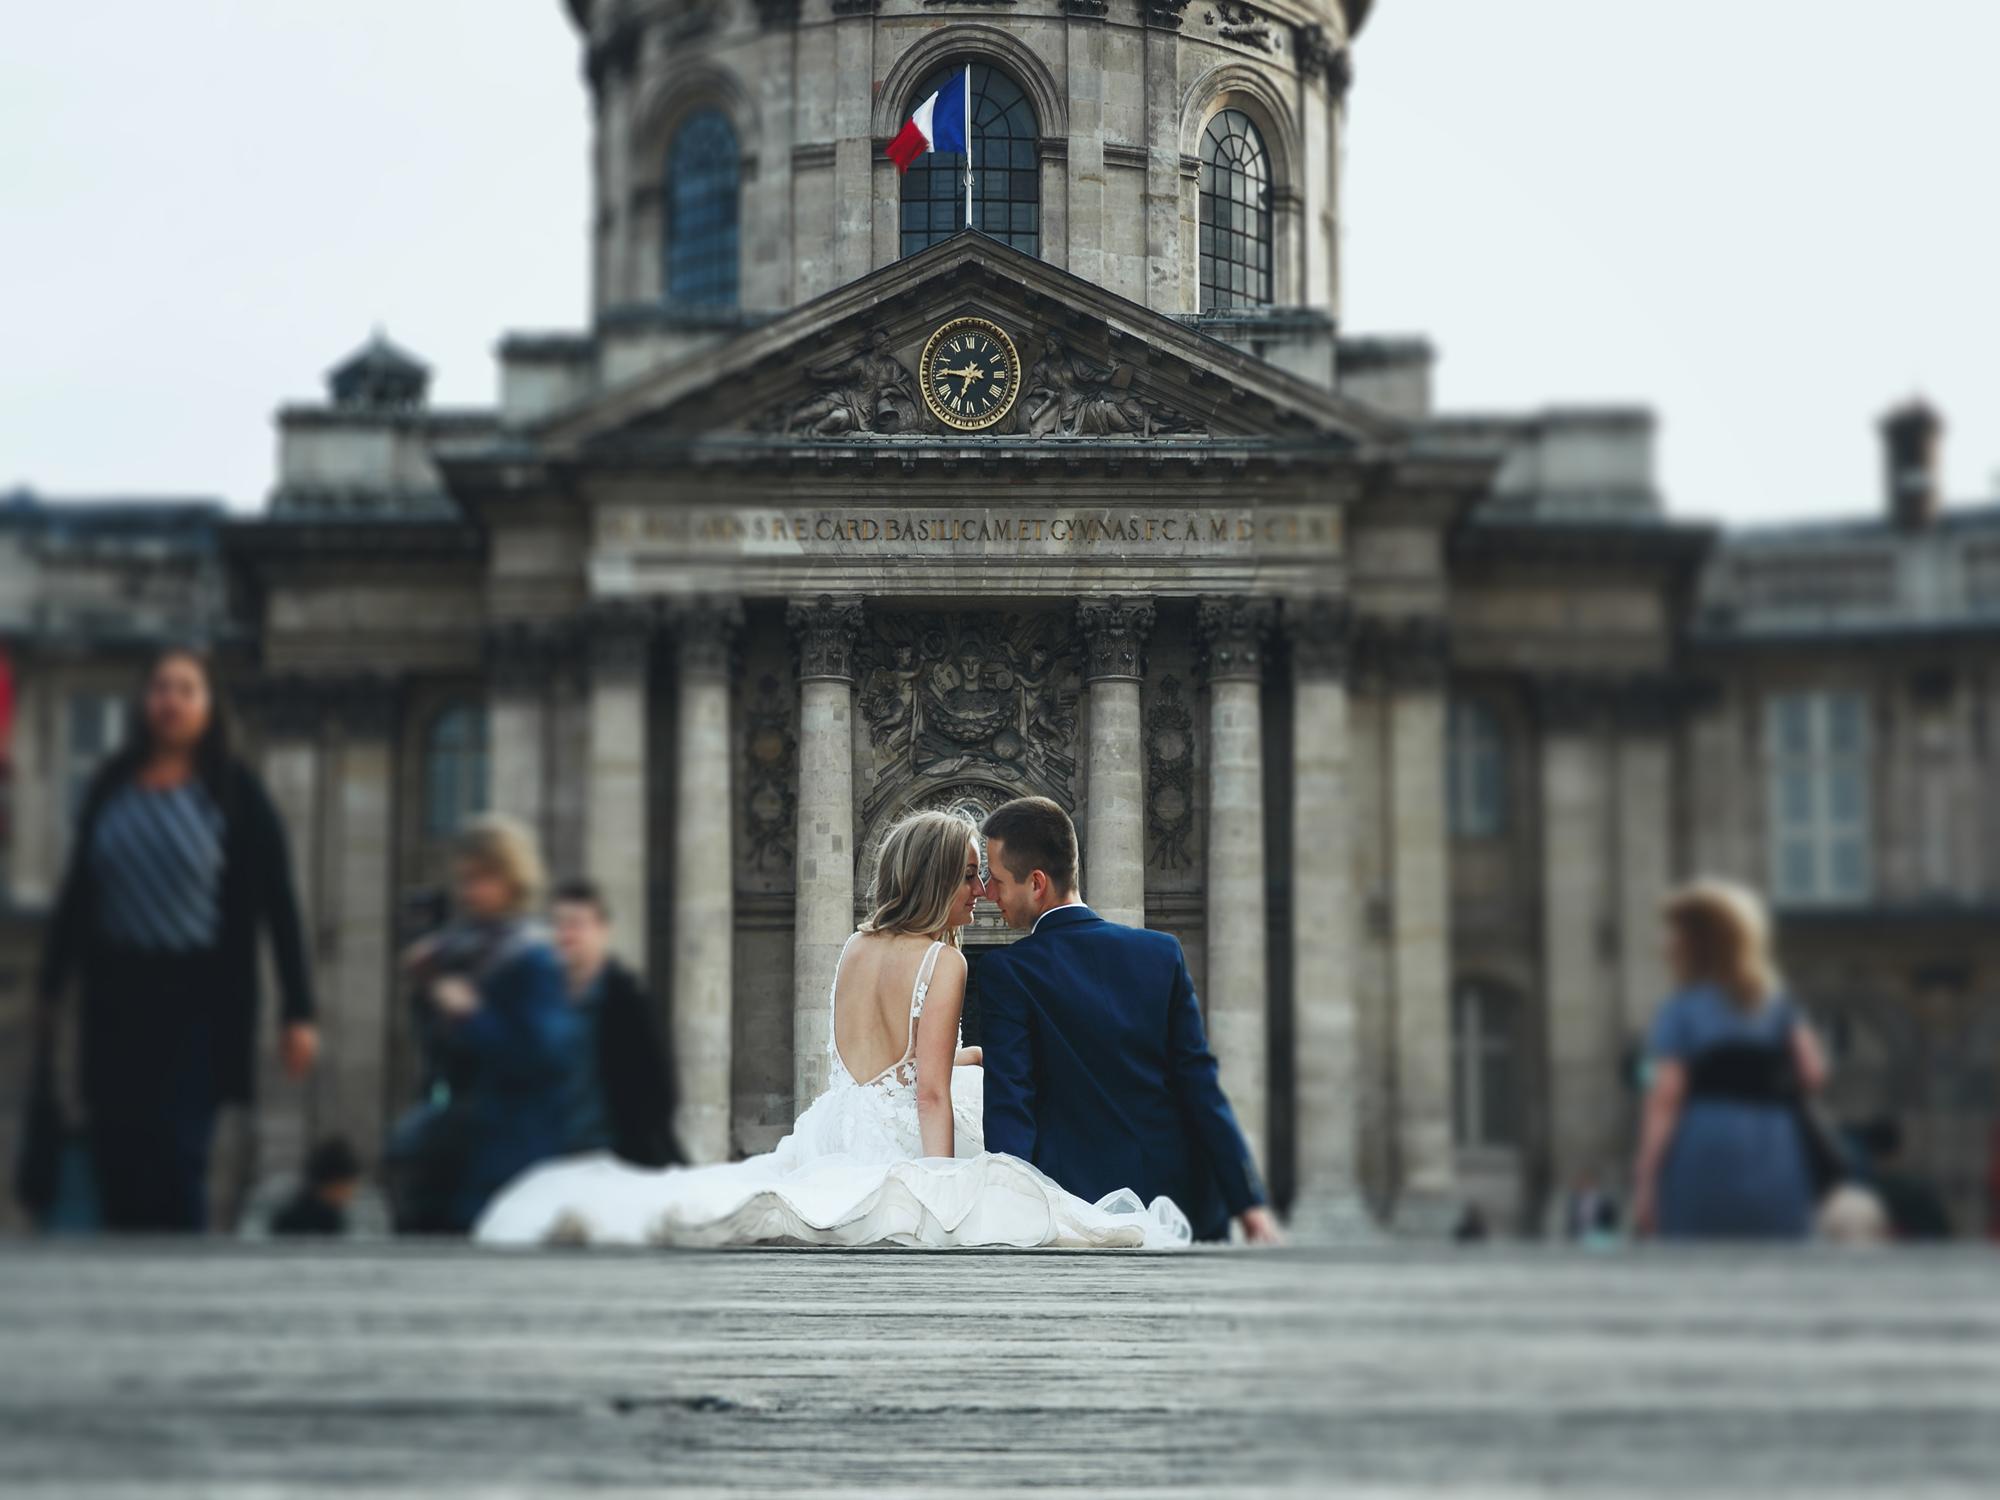 Le mariage, nouveau motif impérieux pour rentrer en France